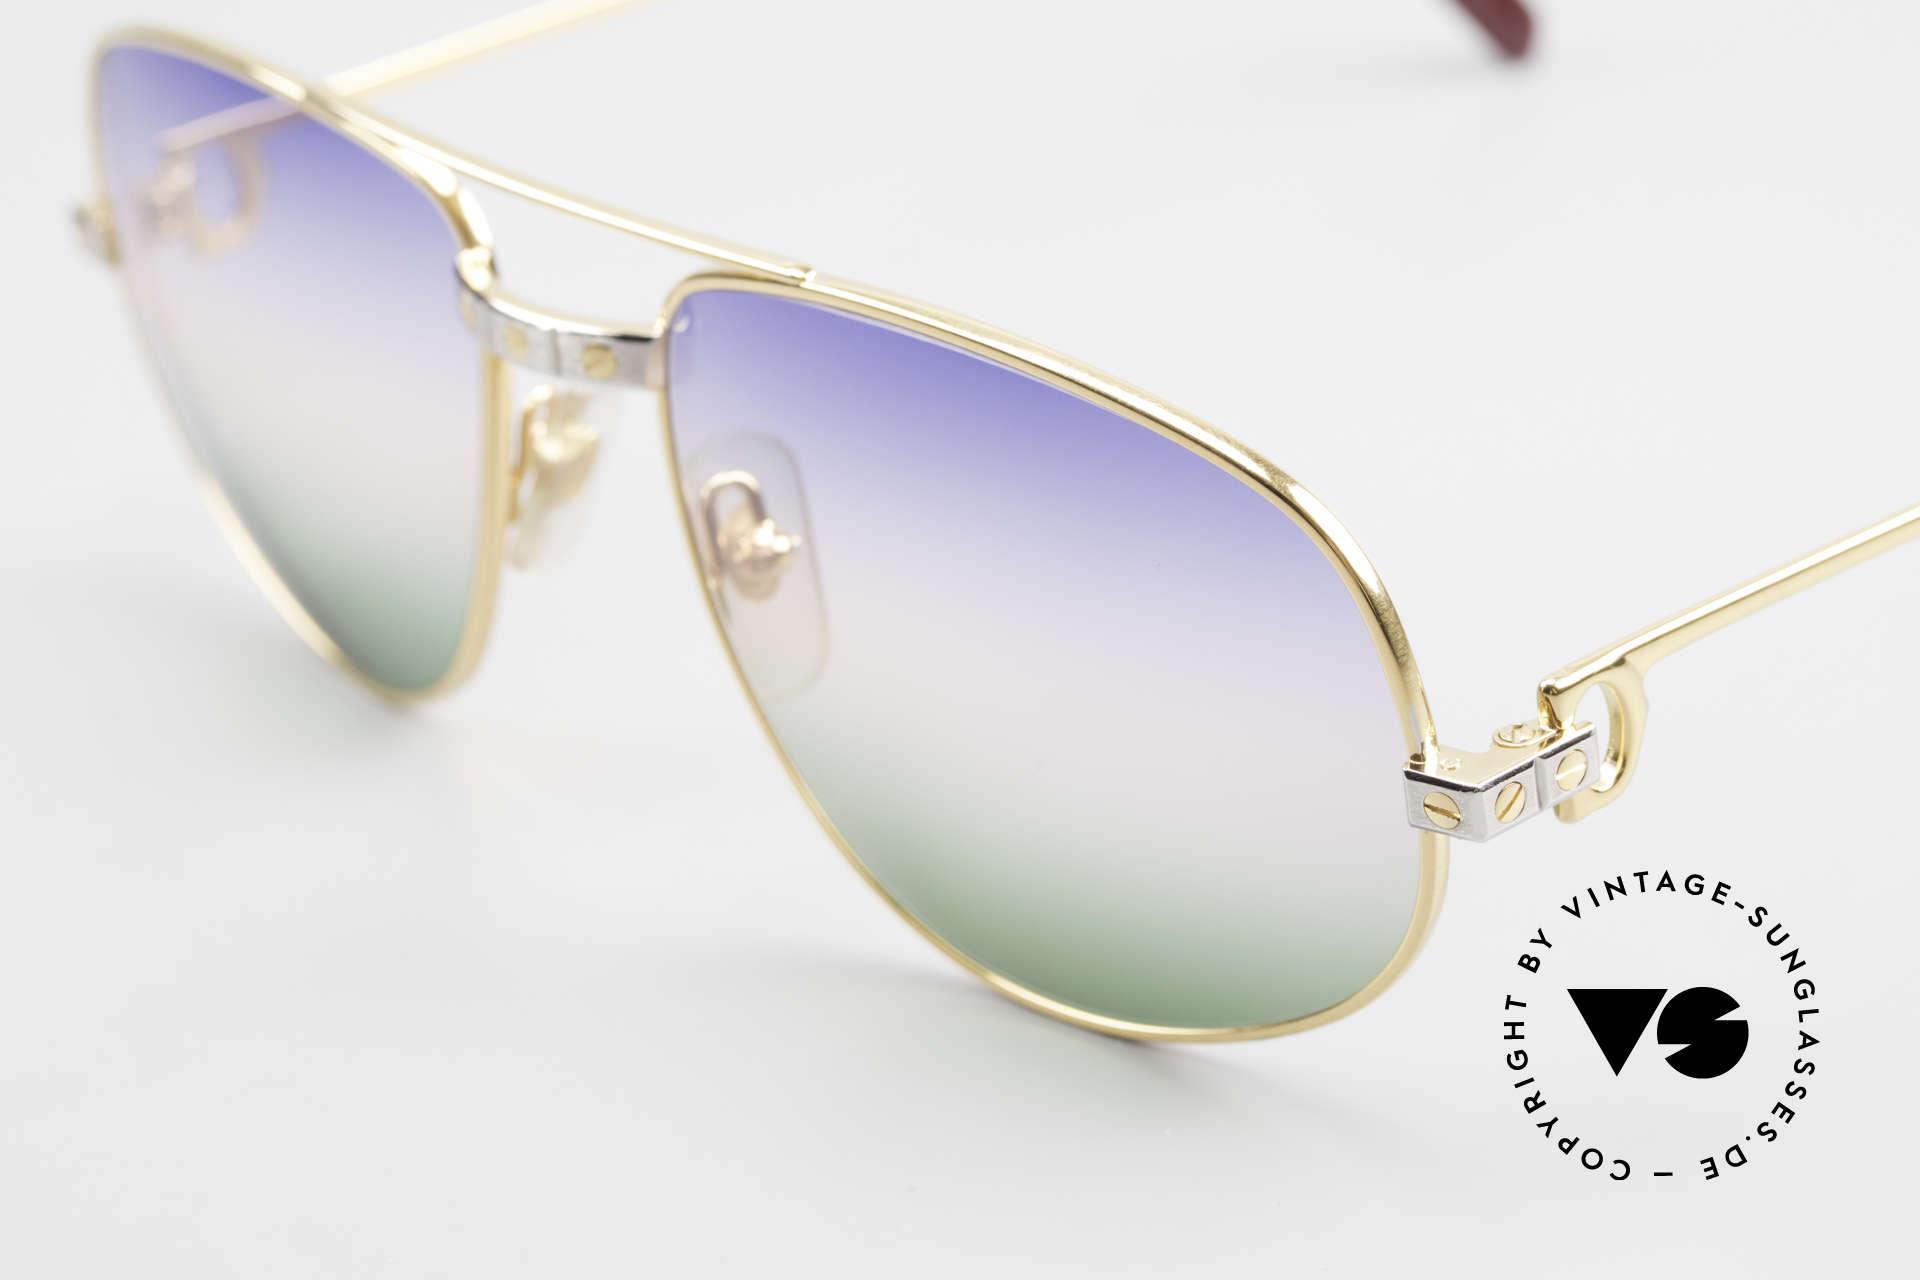 Cartier Romance Santos - L Luxus Vintage Sonnenbrille, 22kt vergoldete Fassung (wie alle alten Cartier Brillen), Passend für Herren